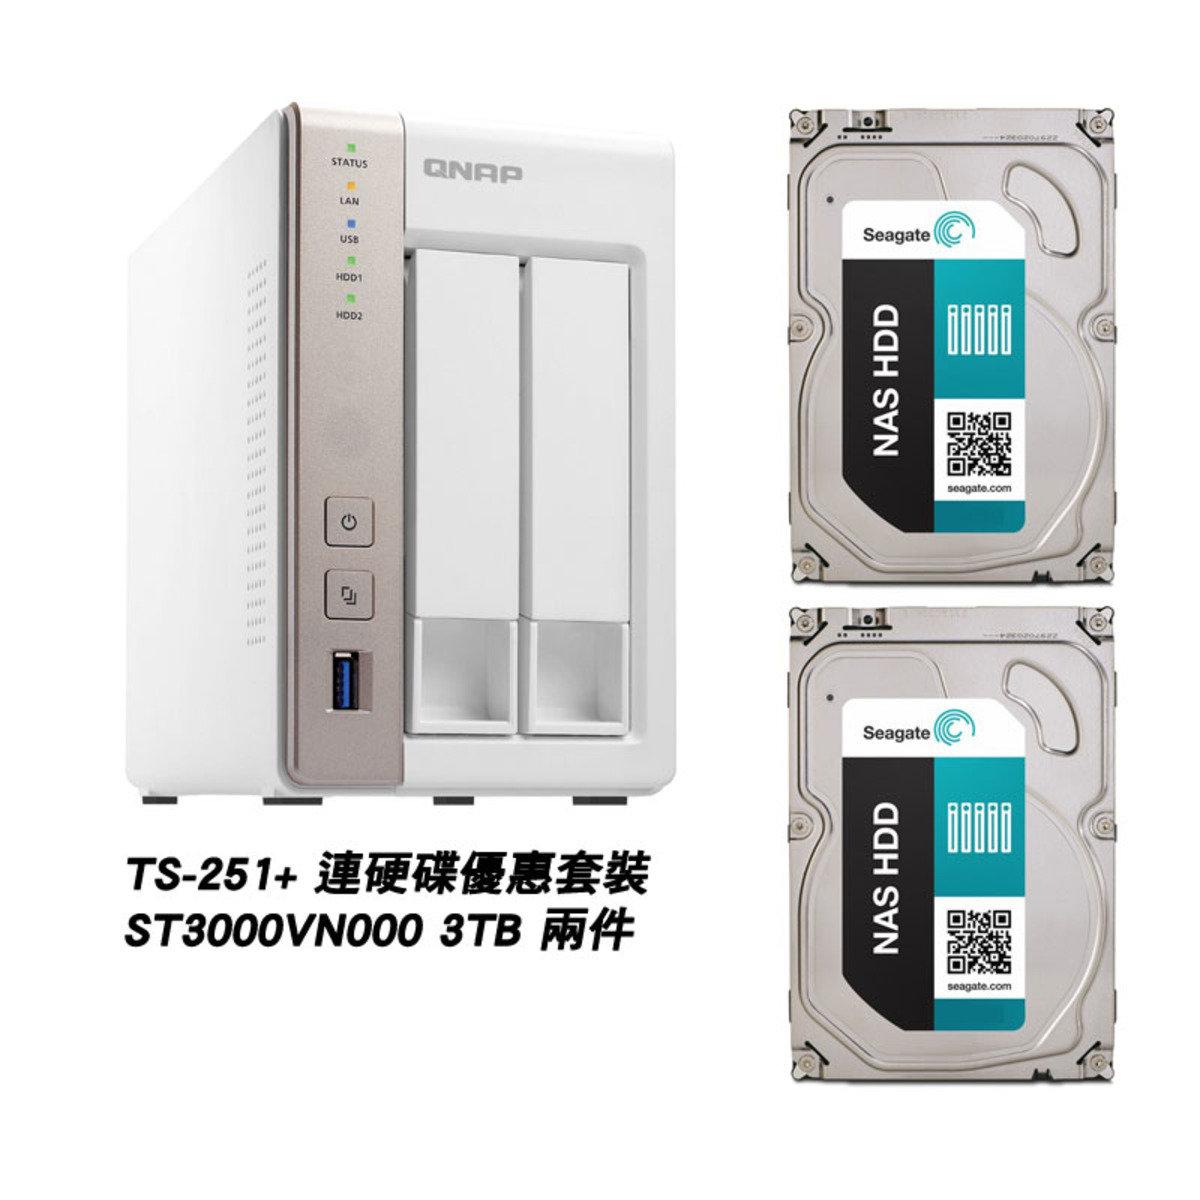 (連硬碟優惠套裝) 2-Bay 雲端網絡儲存分享系統  6TB TS-251+-2G-0203N-01